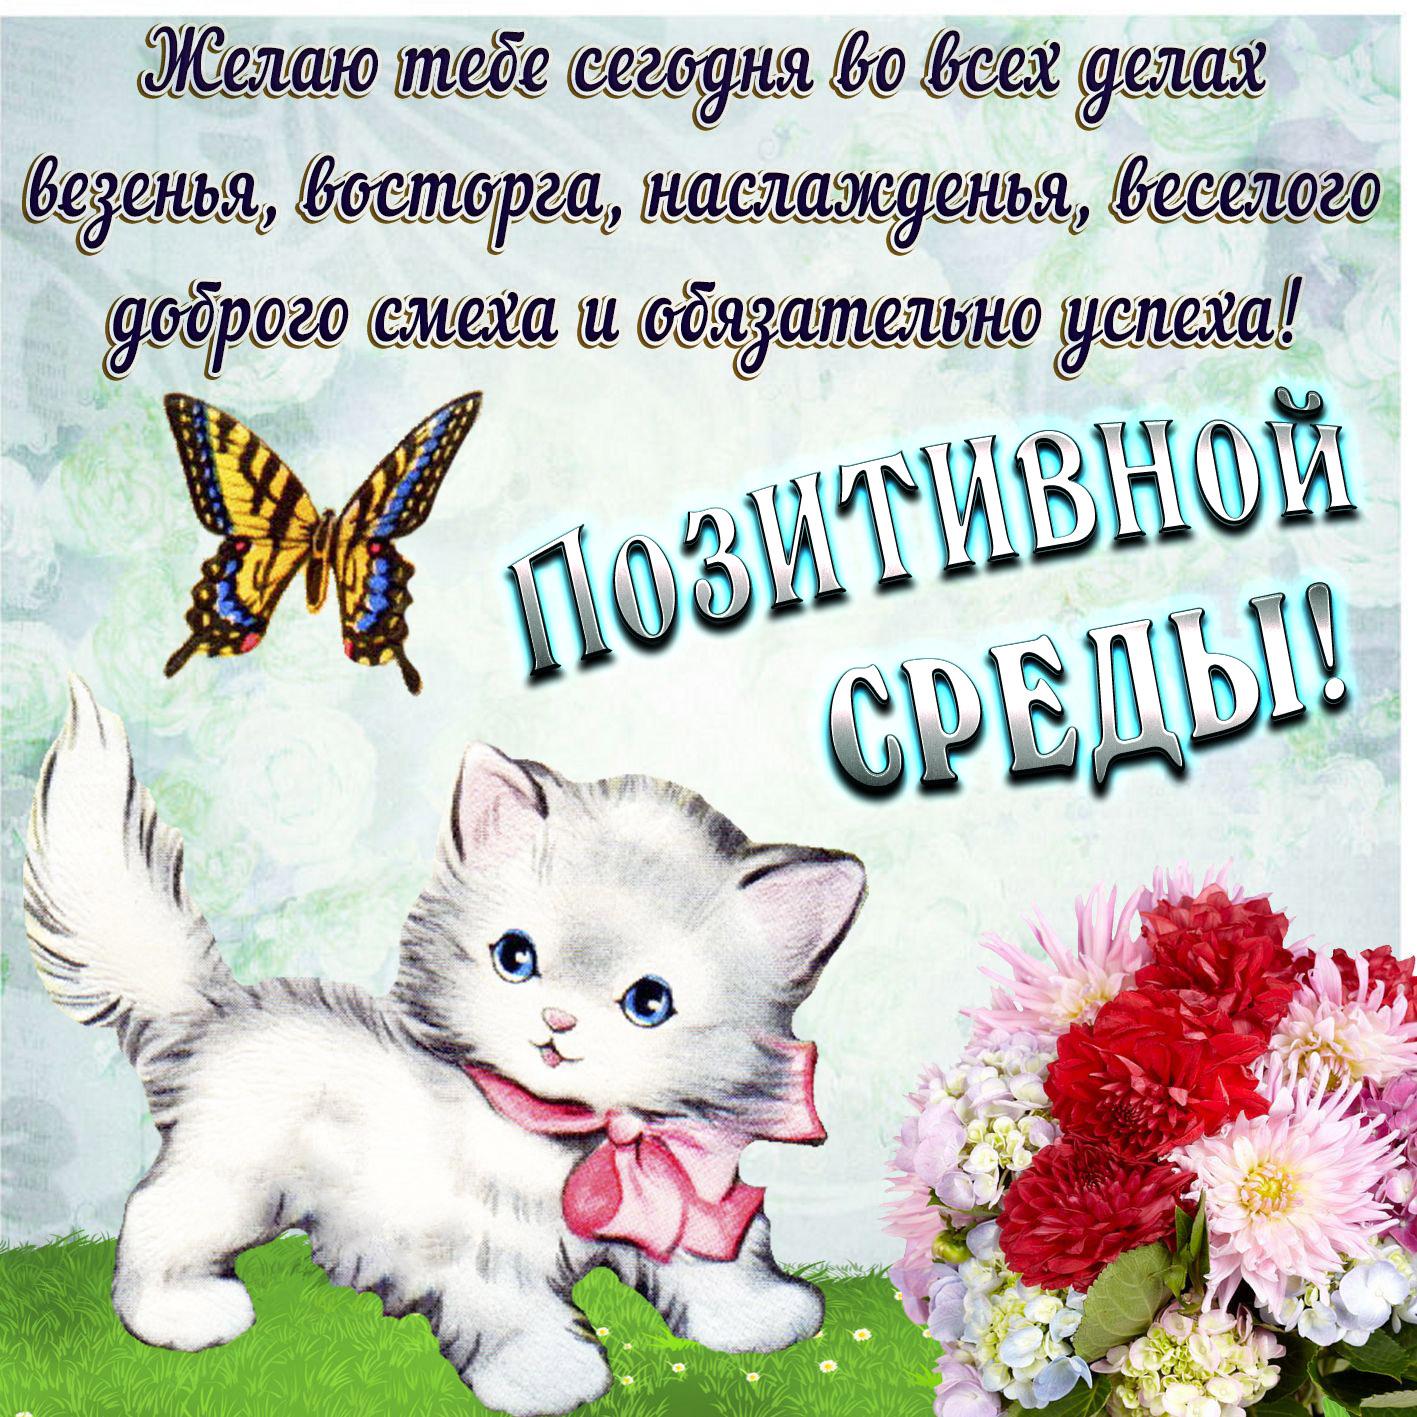 Подписать маленькую, открытки с пожеланиями хорошего дня с котятами